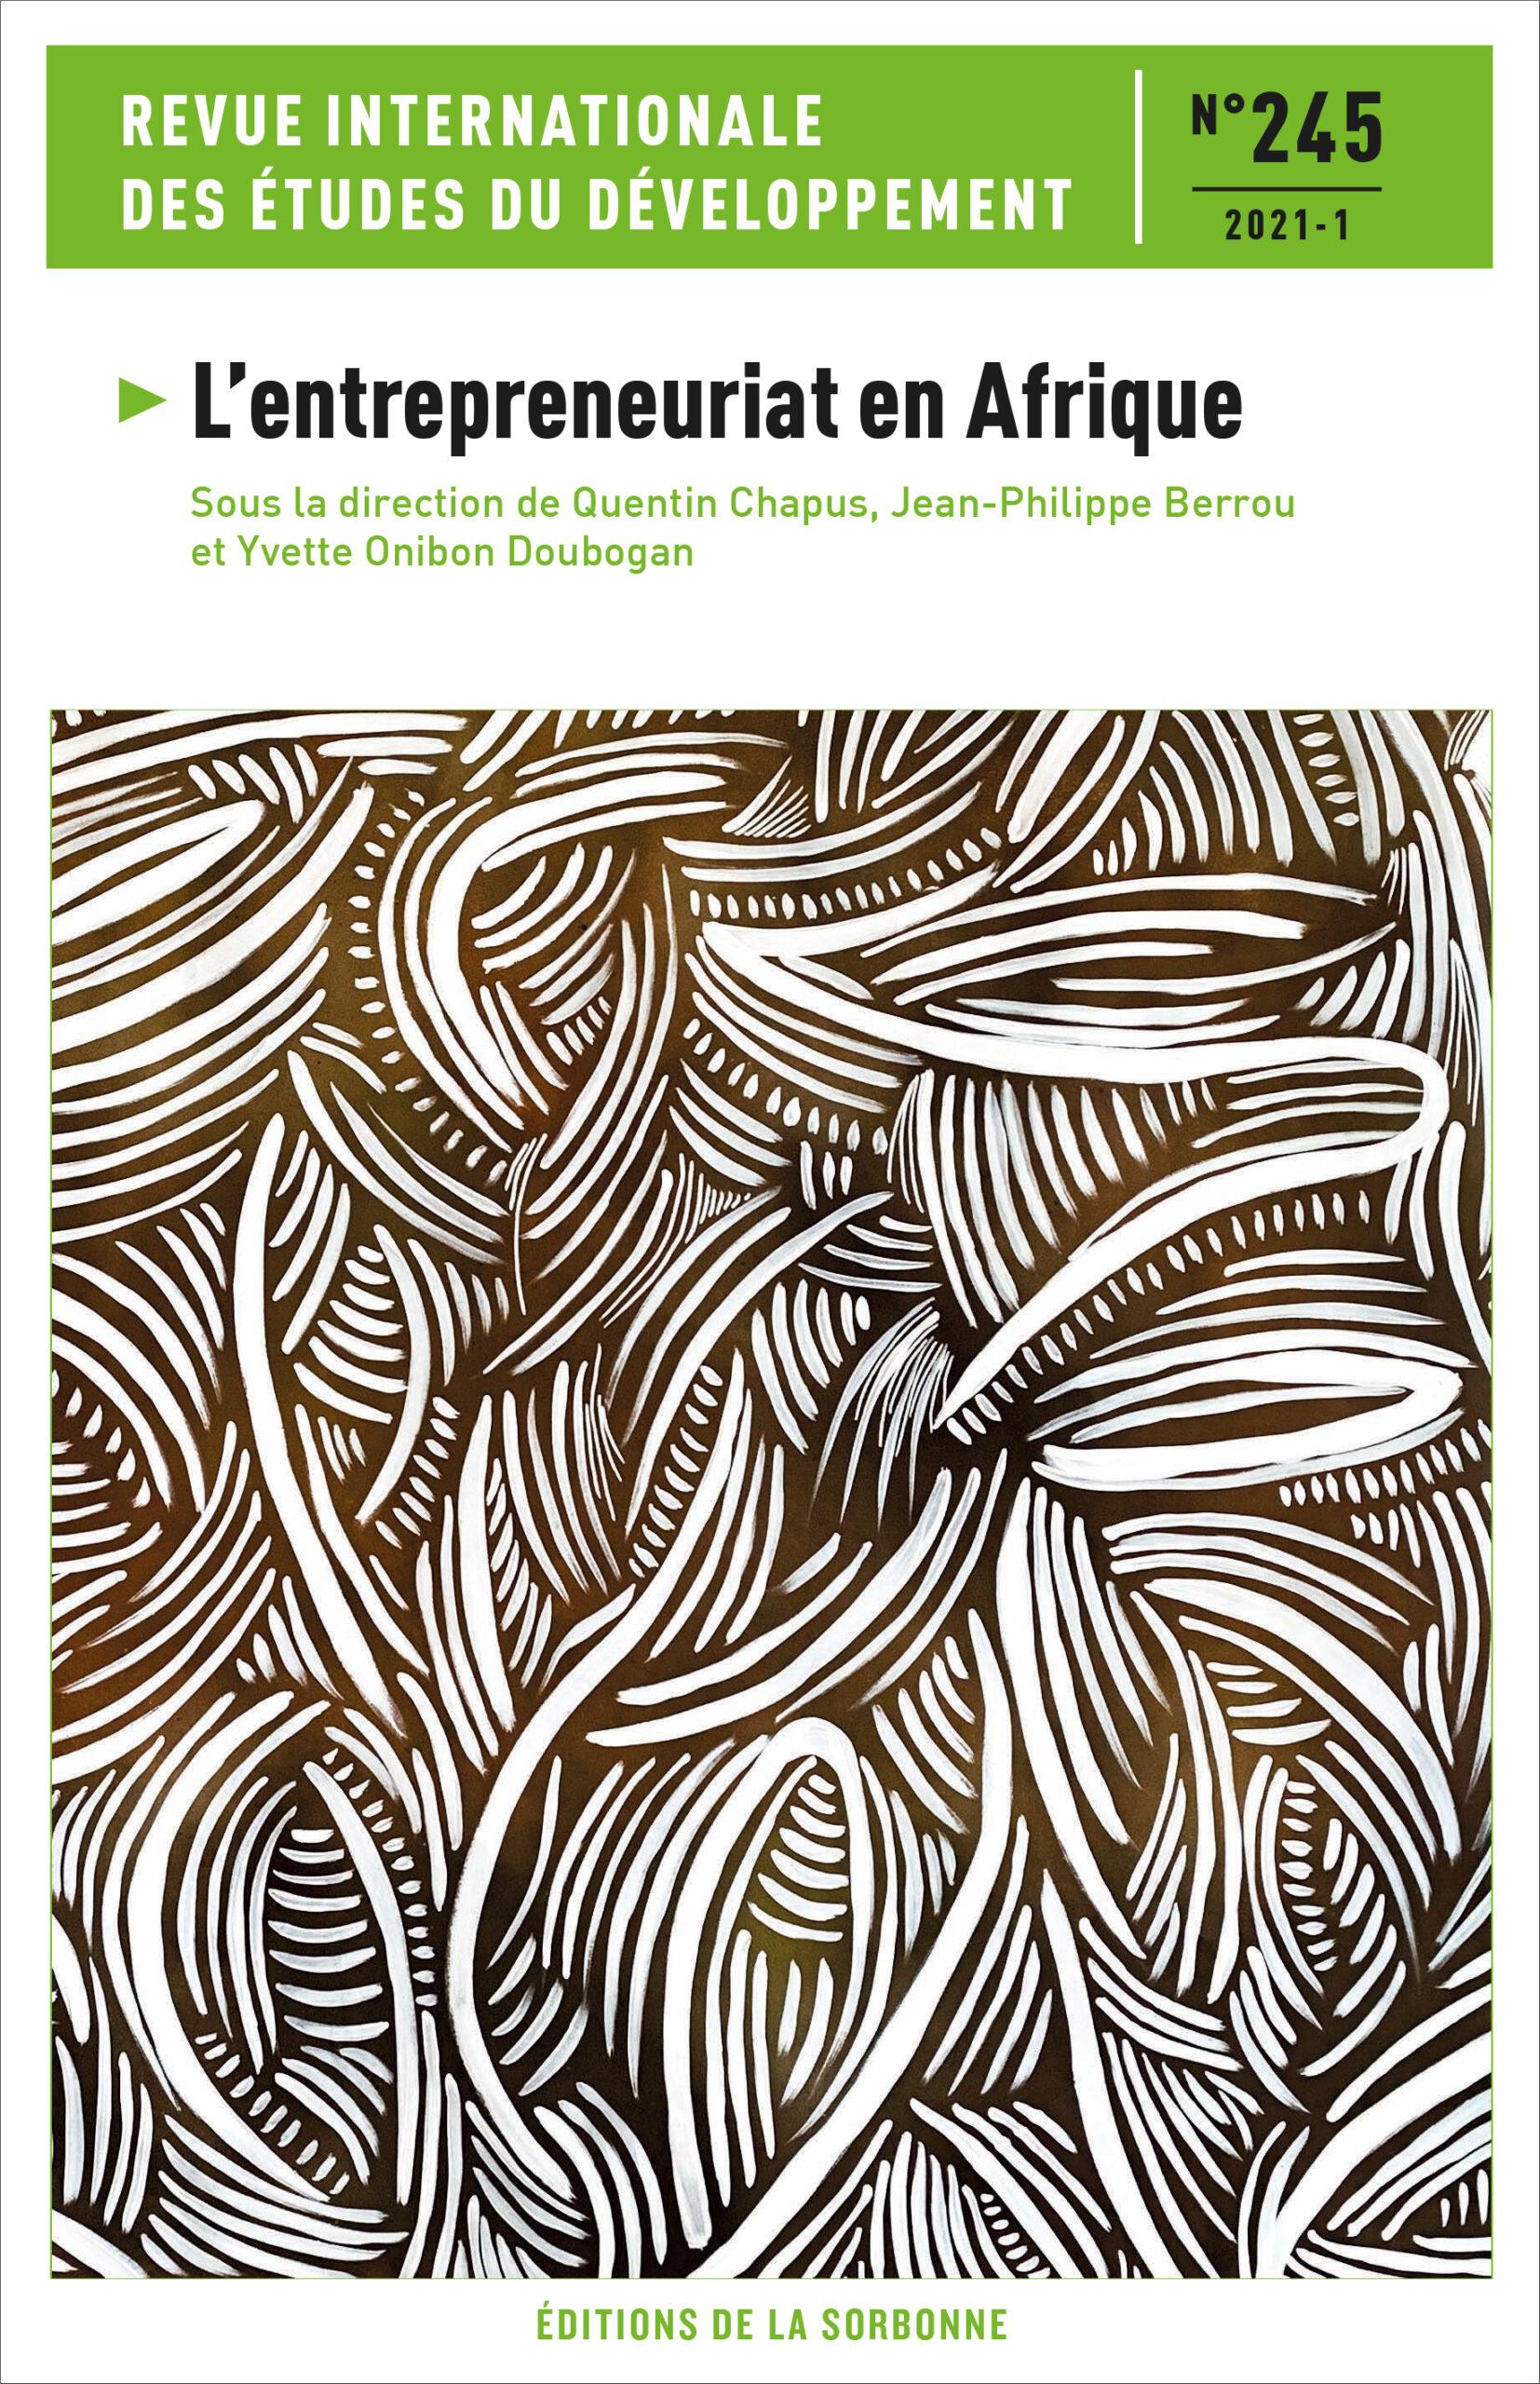 Couverture du numéro 245 (2021-1) de la Revue internationale des études du développement, intitulé L'entrepreneuriat en Afrique, sous la direction de Quentin Chapus, Jean-Philippe Berrou et Yvette Onibon Doubogan.